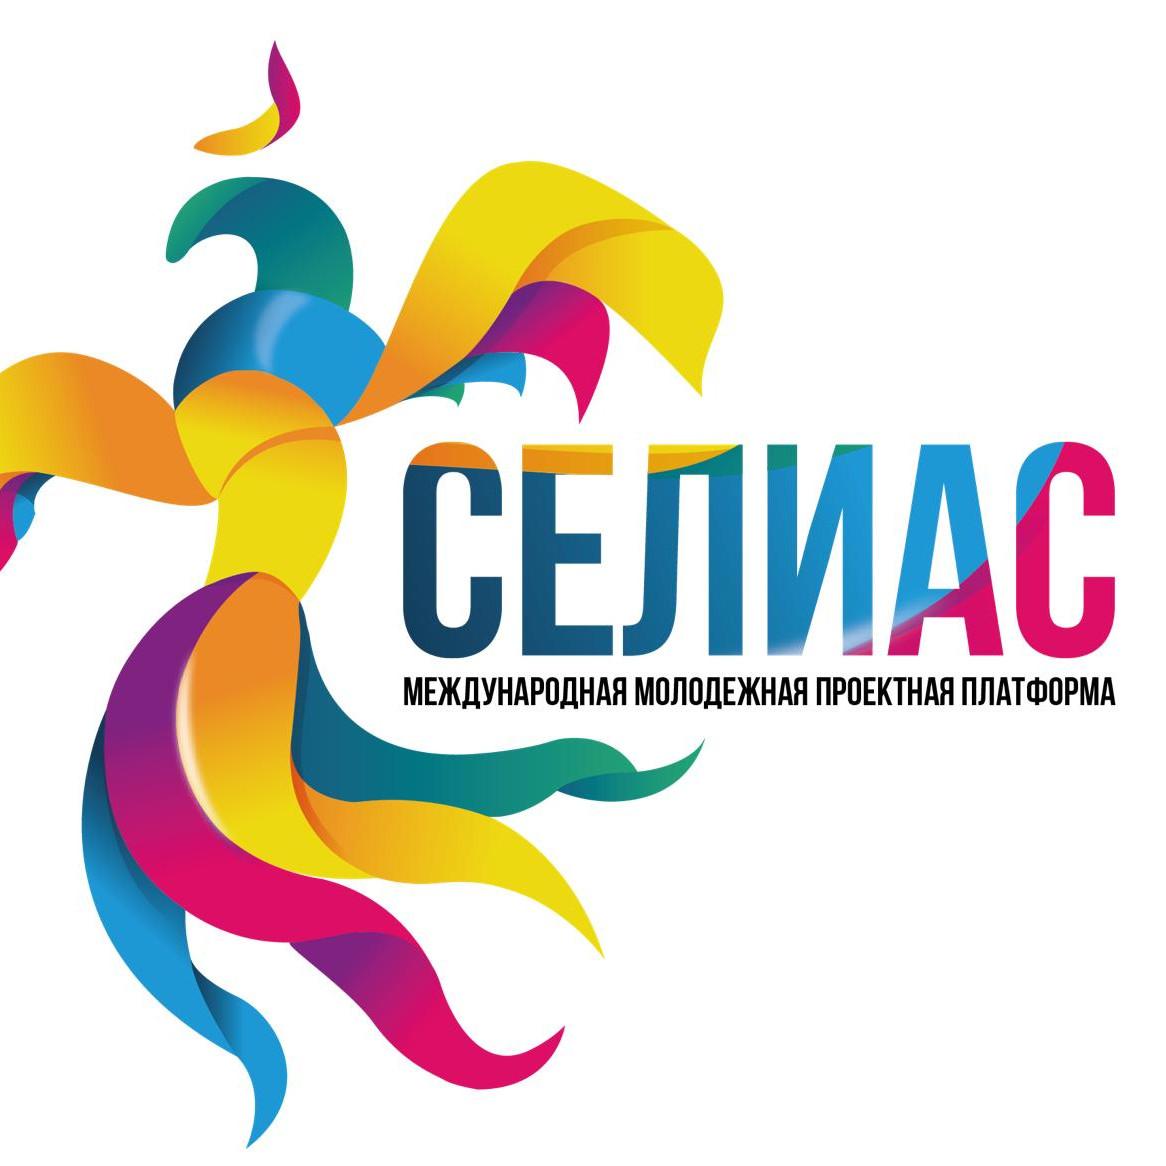 В Астрахани завершилась международная молодёжная проектная платформа «СЕЛИАС»